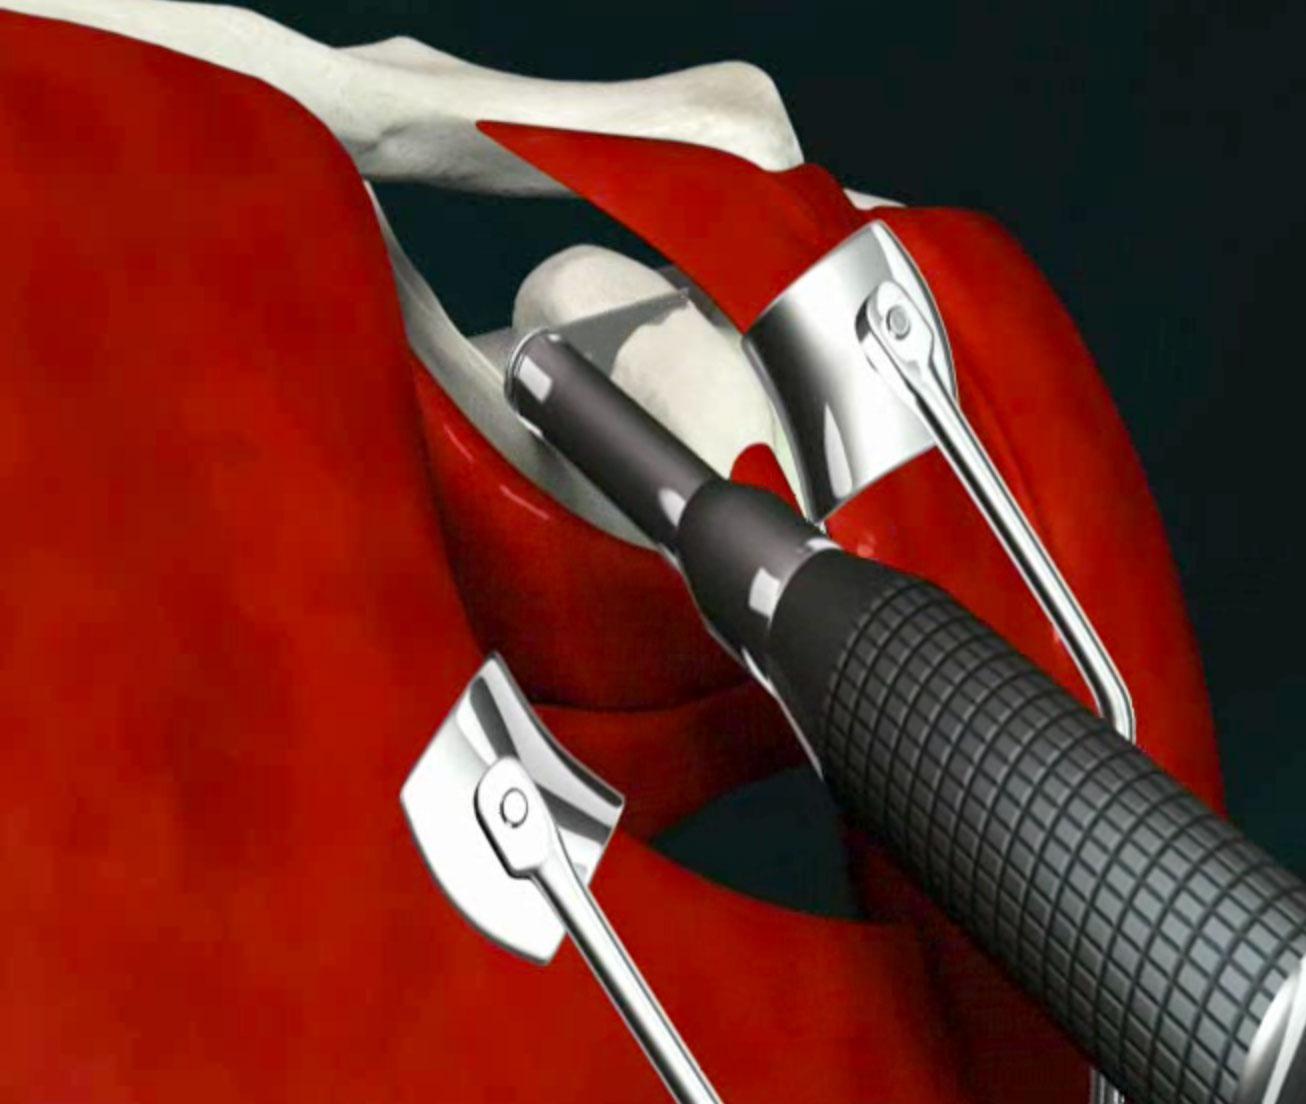 Intervento chirurigico nella lussazione della spalla